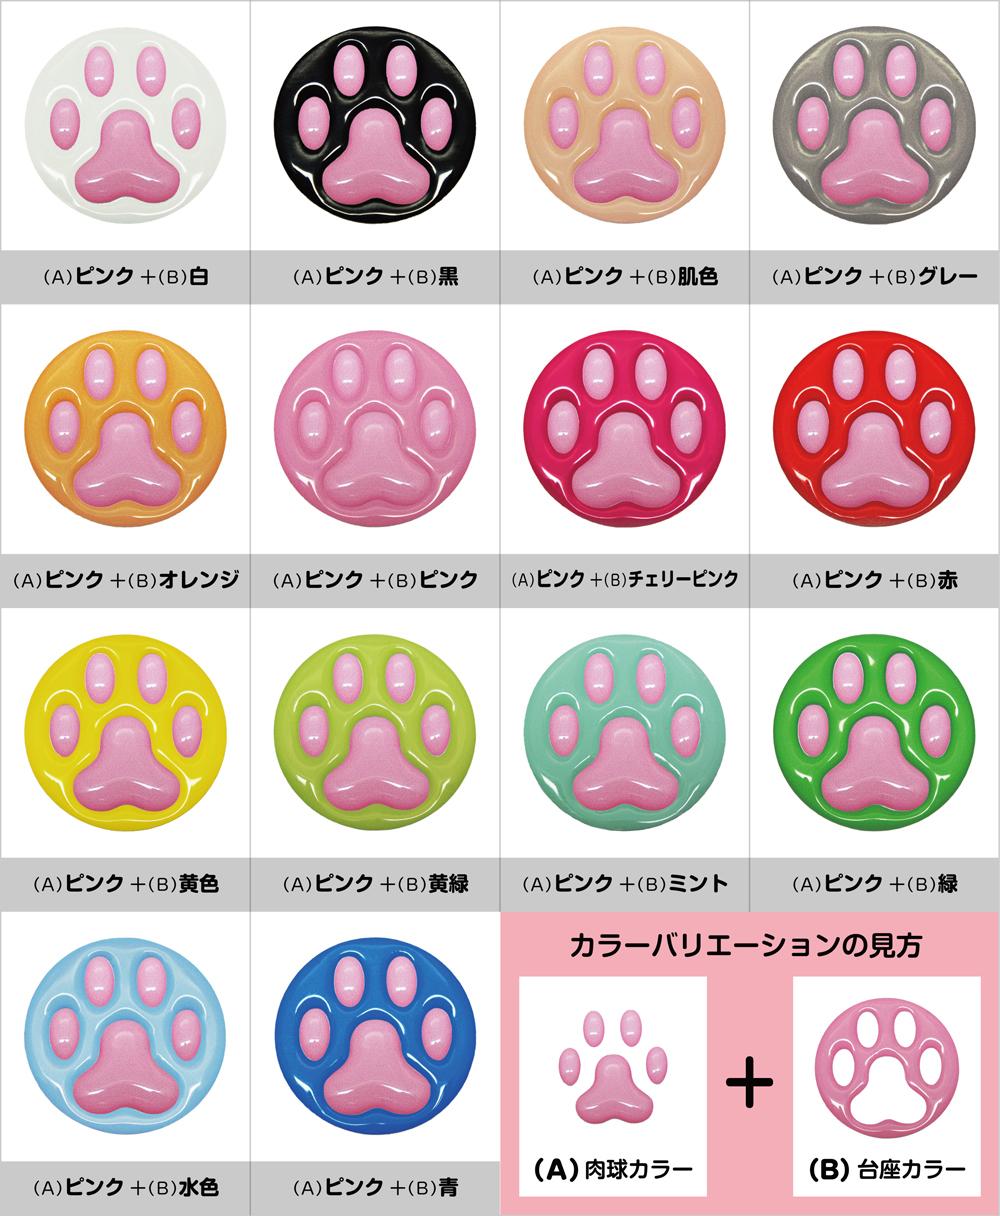 肉球ゴルフマーカー ピンク色タイプ 14種